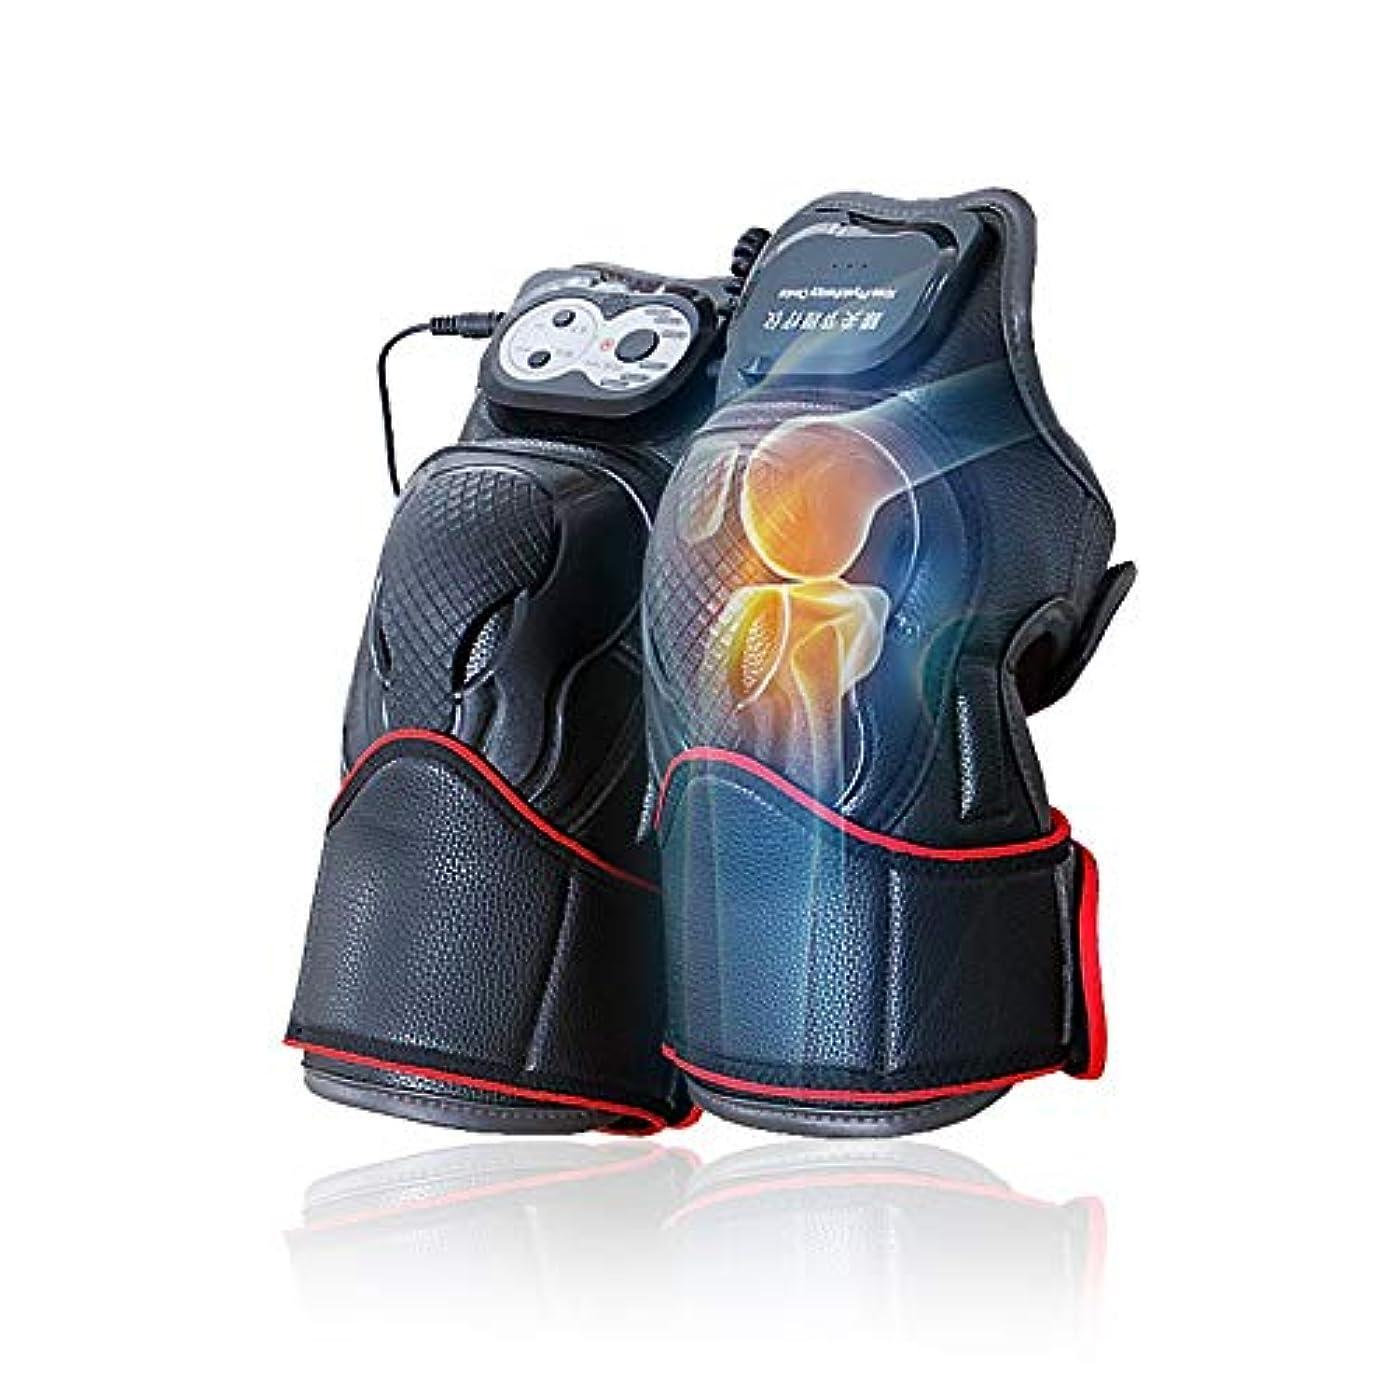 ソケット実行可能ショルダーマッサージ器 マッサージ ひざ マッサージャー ヒーター マッサージ機 振動 レッグマッサージャー 通気性 フットマッサージャー 赤外線療法 膝サポーター ストレス解消(二枚入り)